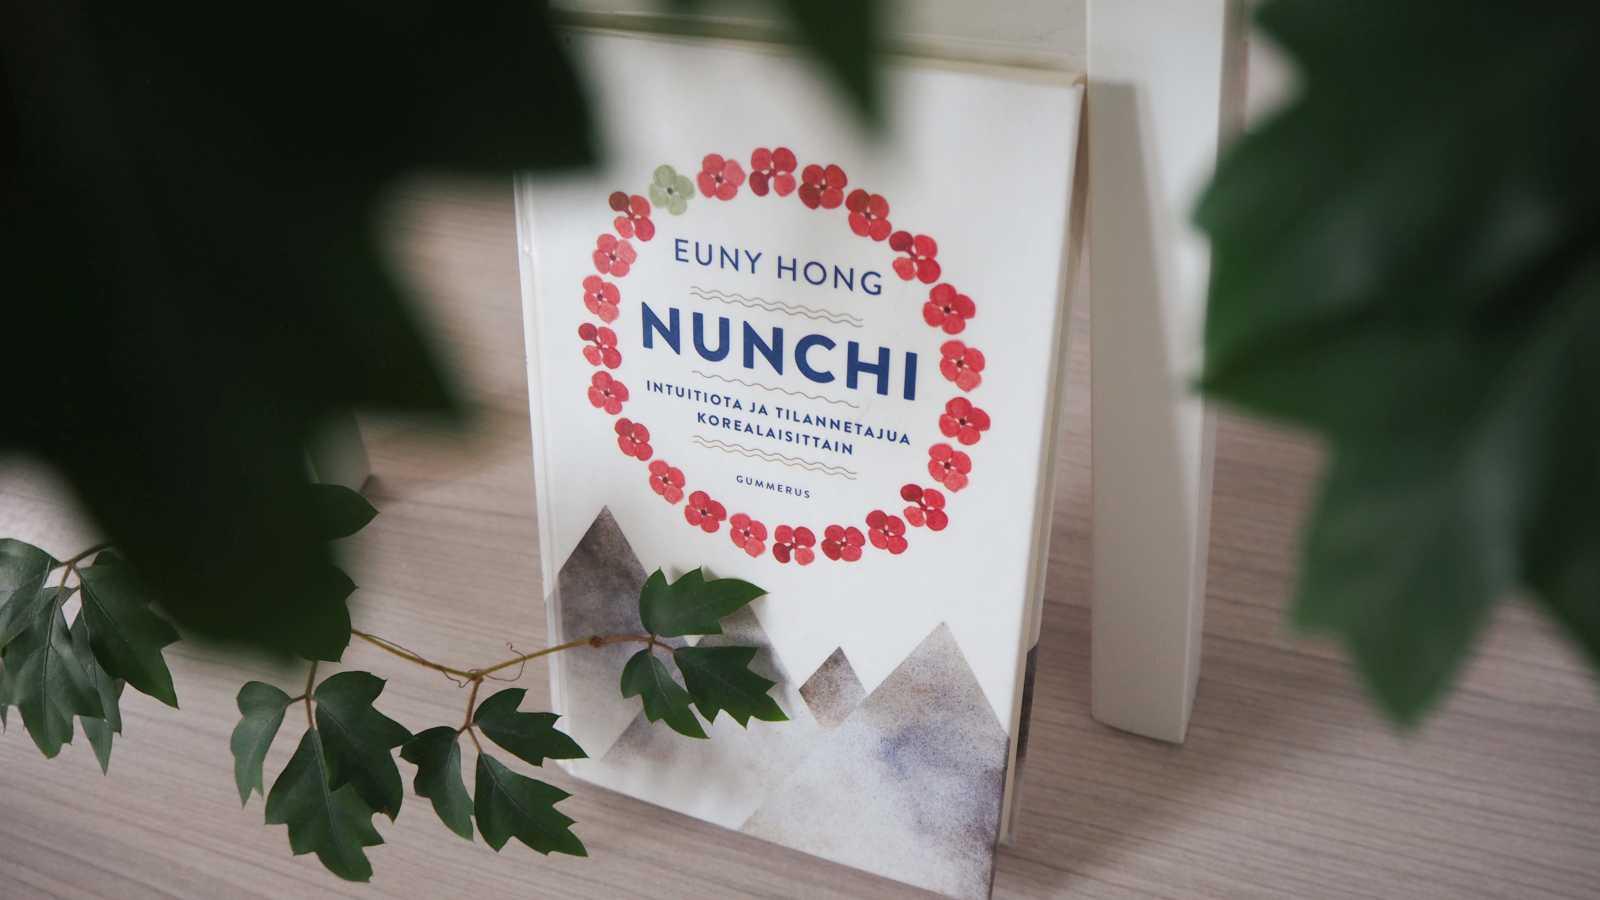 Kirjaesittelyssä Euny Hongin Nunchi – Intuitiota ja tilannetajua...